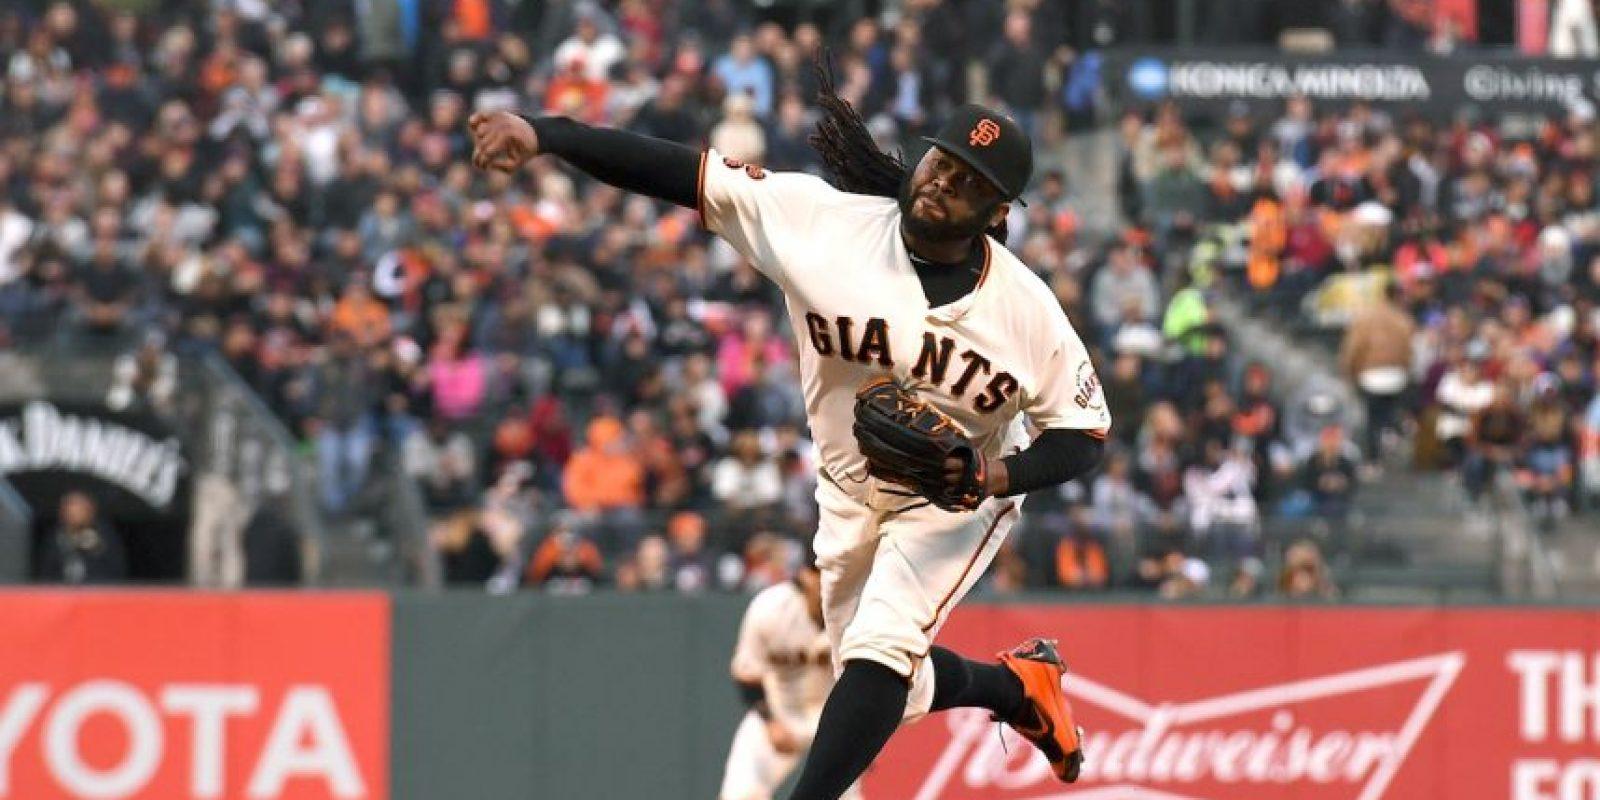 Johnny Cueto será el abridor en la Liga Nacional para el Juego de Estrellas de la MLB. Foto:Getty Images. Imagen Por: